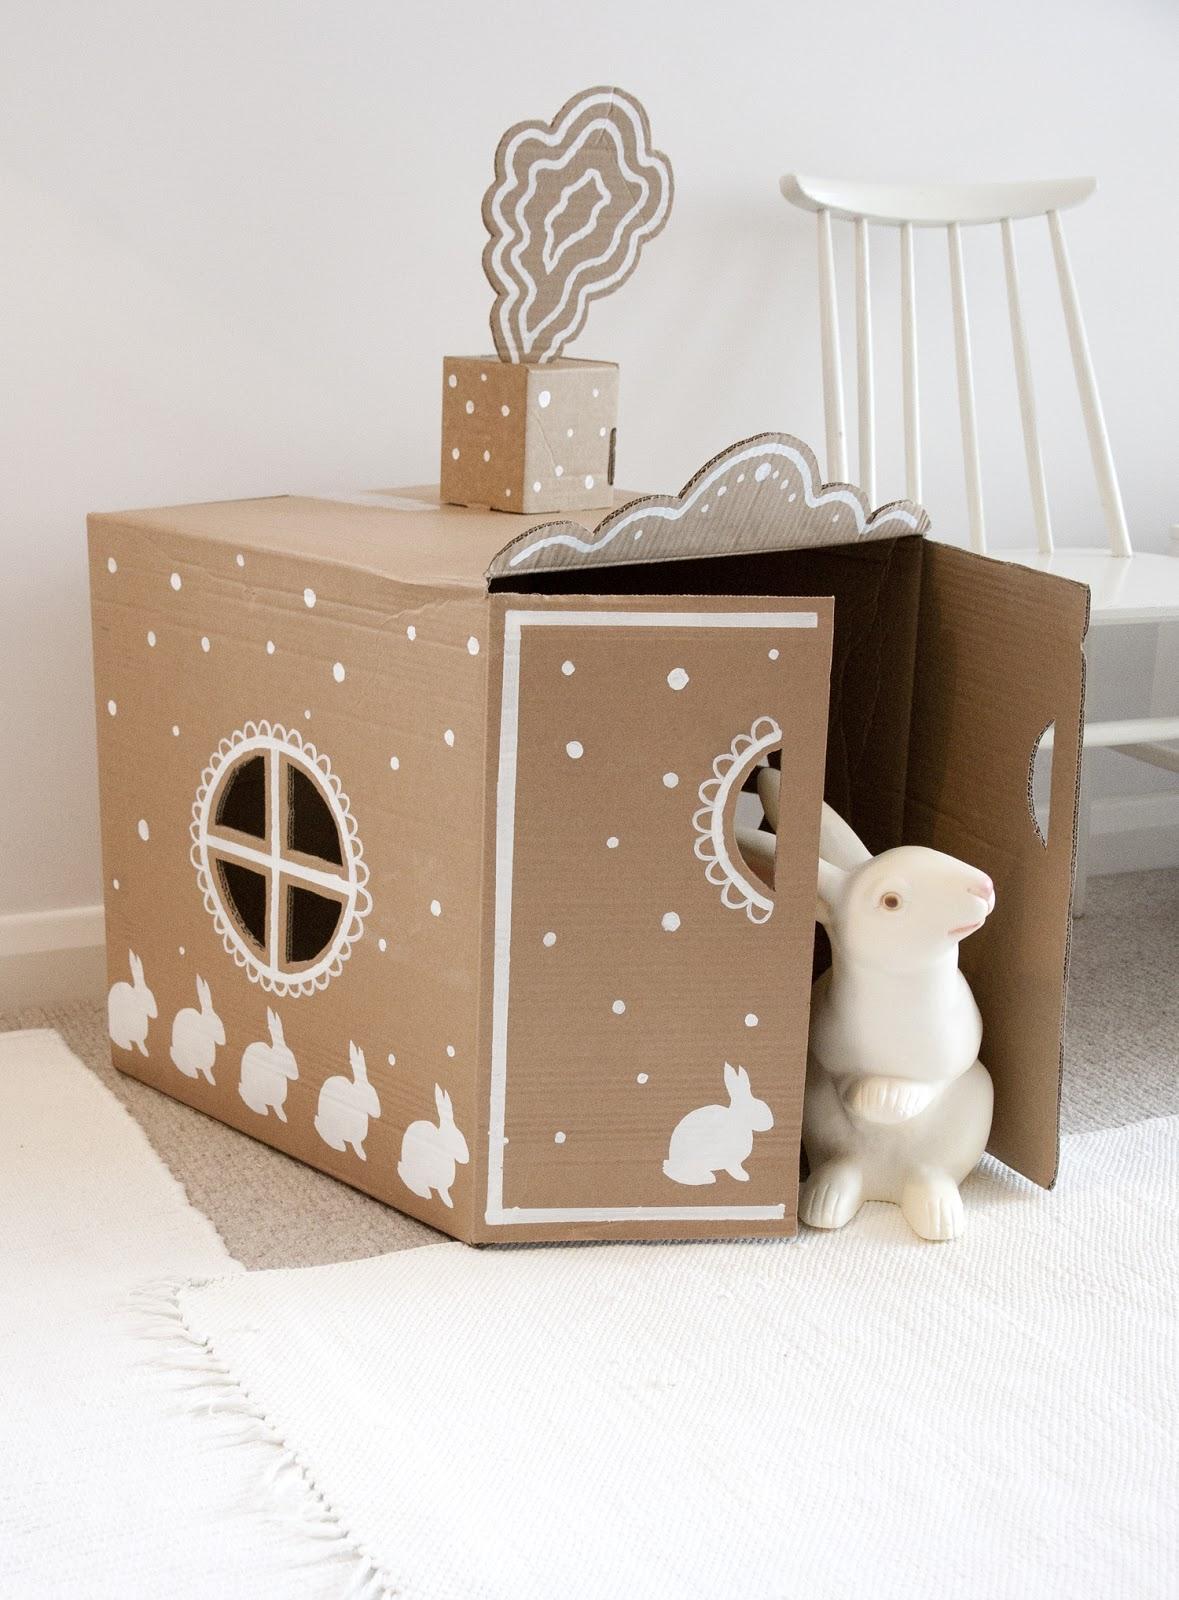 ukkonooa pahvimaja diy cardboard box house. Black Bedroom Furniture Sets. Home Design Ideas